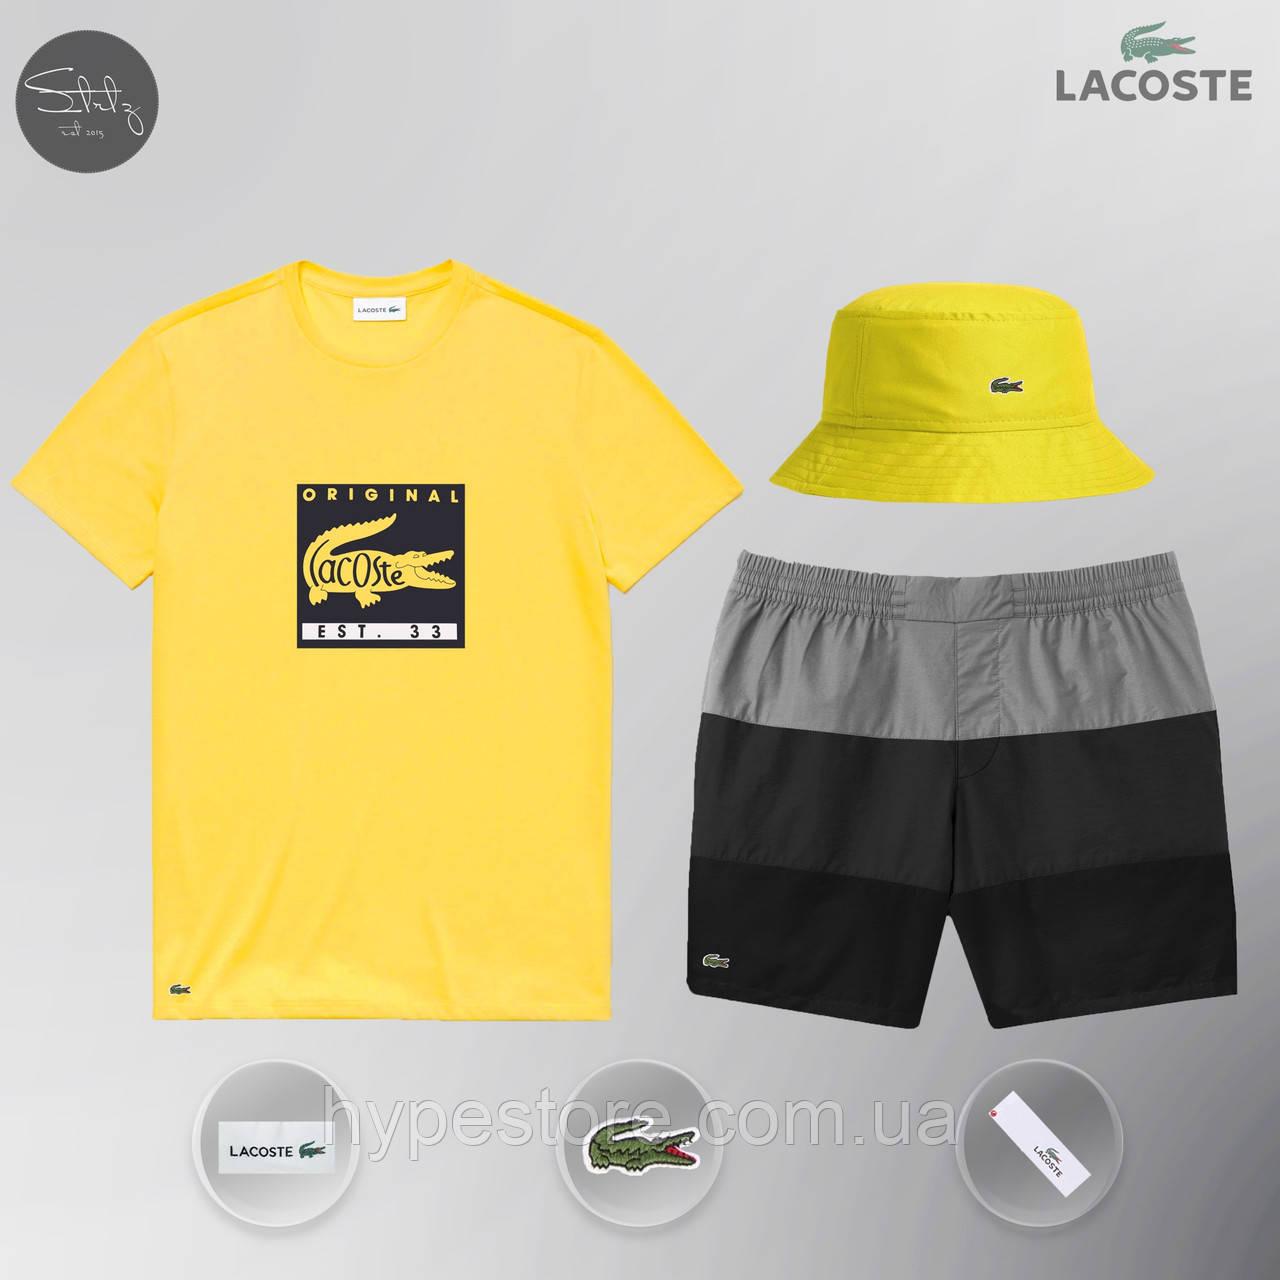 Мужской спортивный костюм, мужской пляжный комплект Lacoste Original, шорты+футболка, панама, Реплика